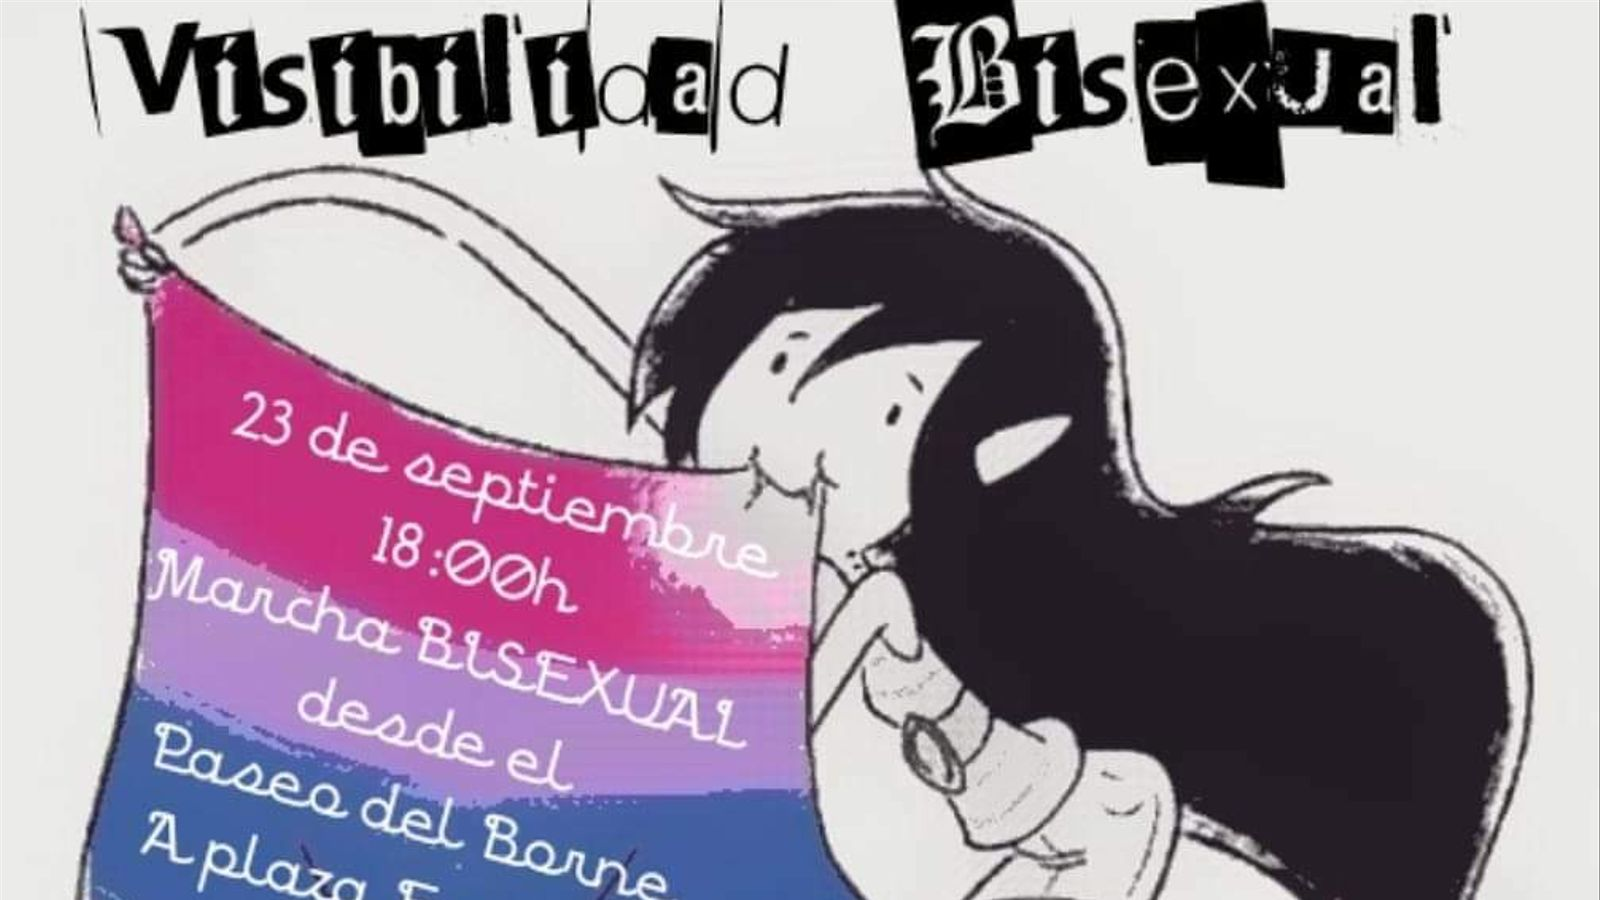 Cartell de la marxa per la visibilitat bisexual